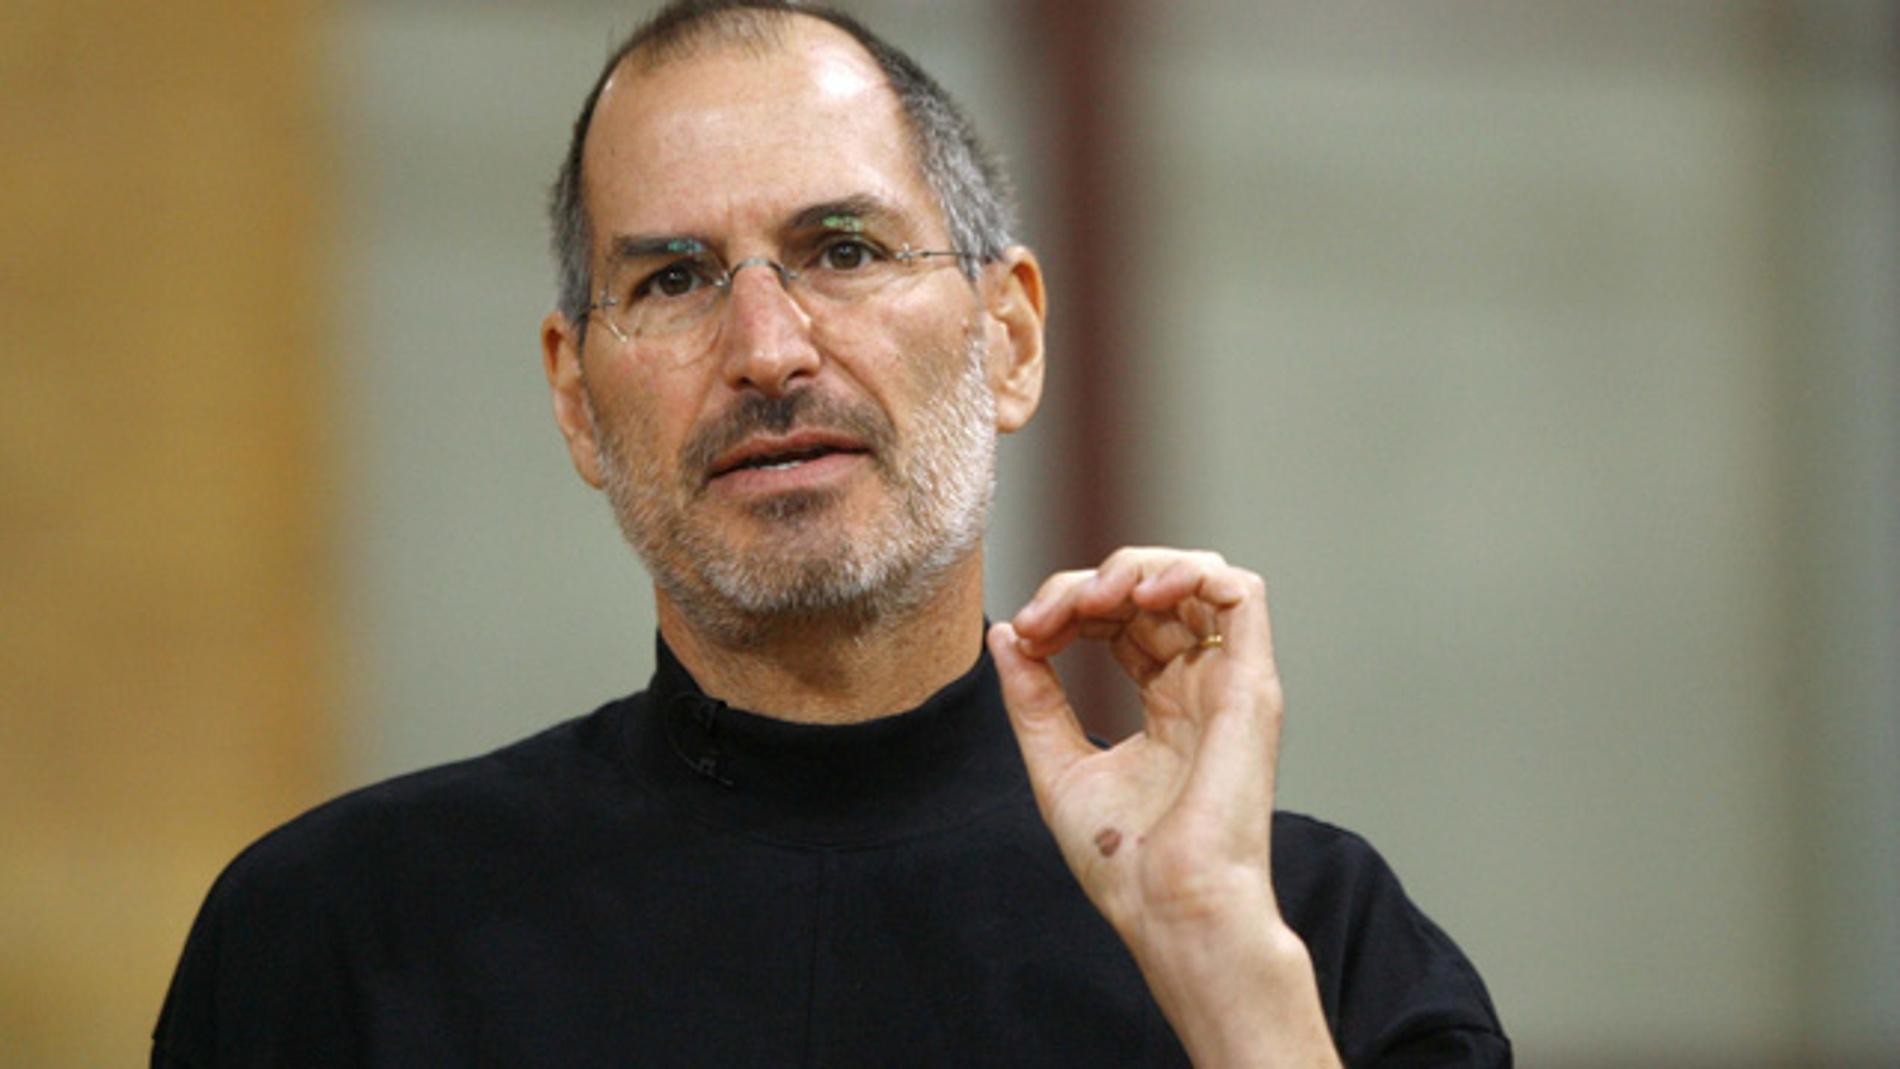 Steve Jobs falleció a causa de un cáncer de páncreas